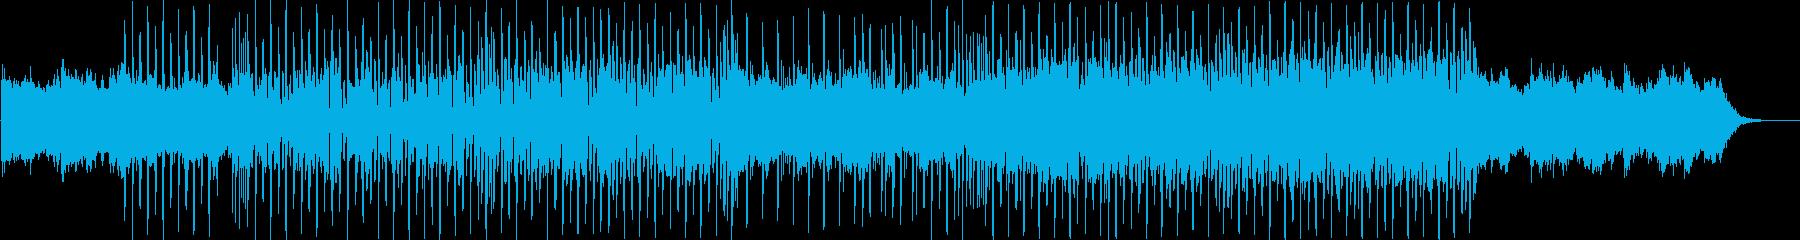 Funk、おしゃれ、シティポップ bの再生済みの波形